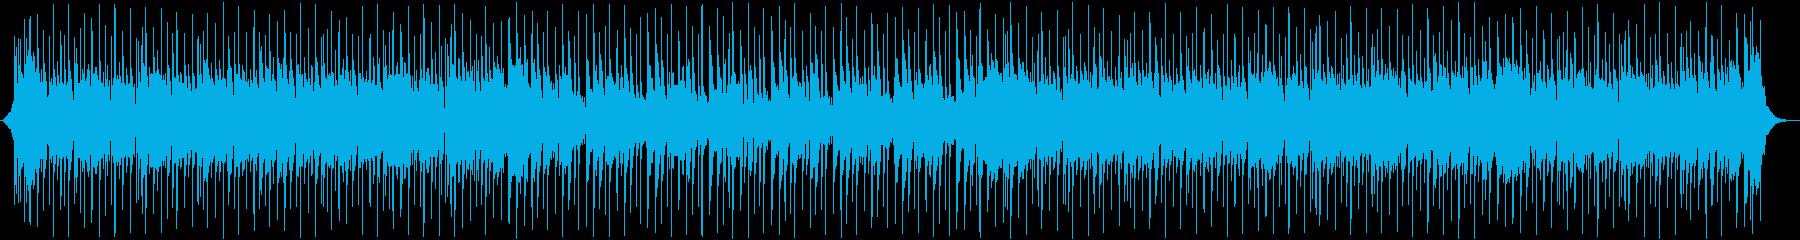 シンキングタイム・クイズ・ファンク・推理の再生済みの波形